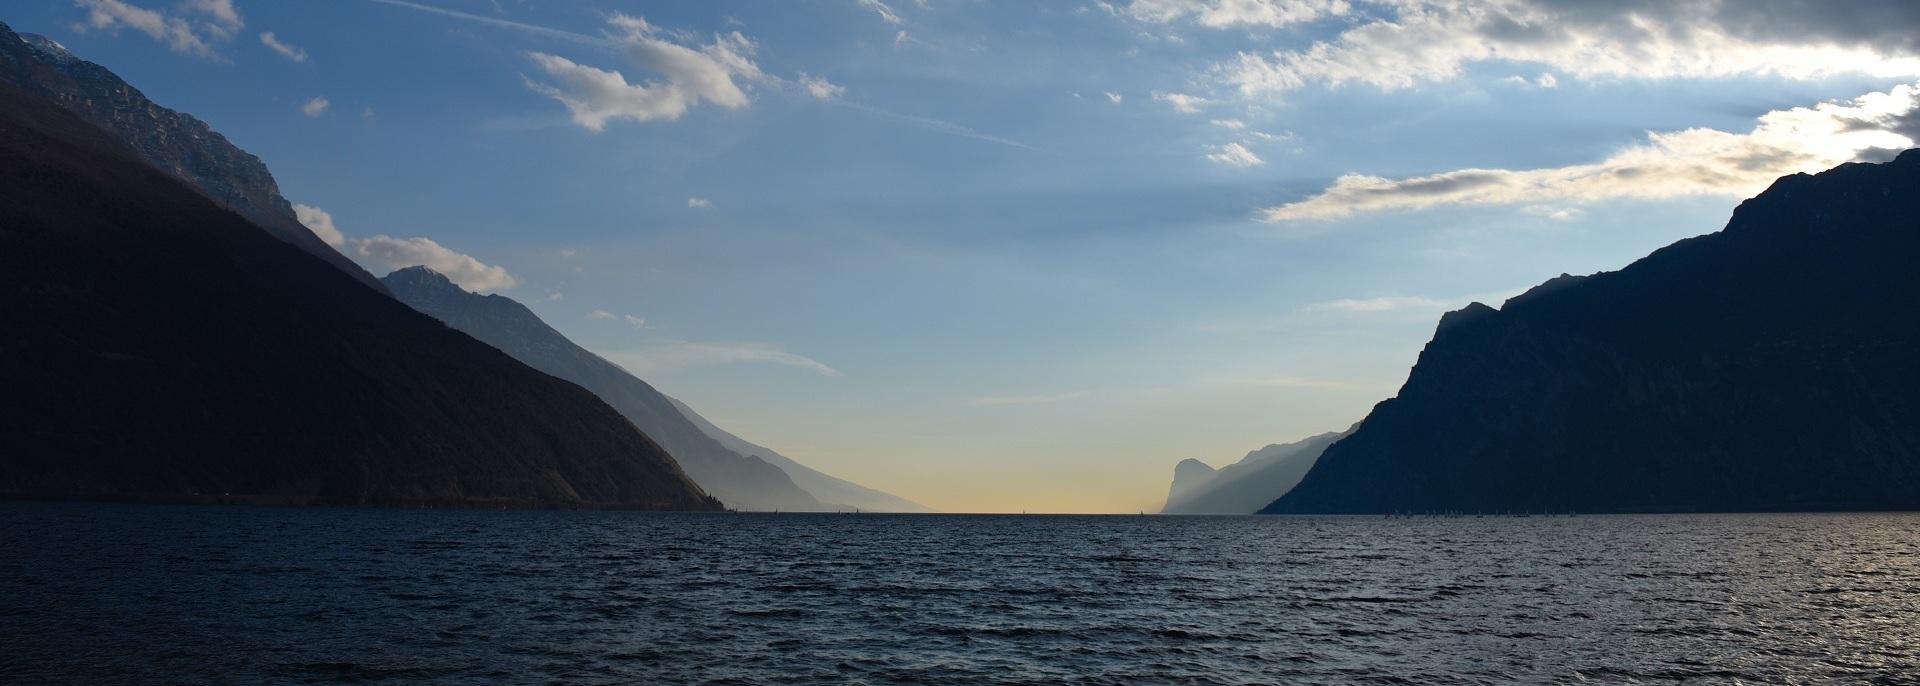 Отдых на озере Гарда цены, озеро Гарда отдых